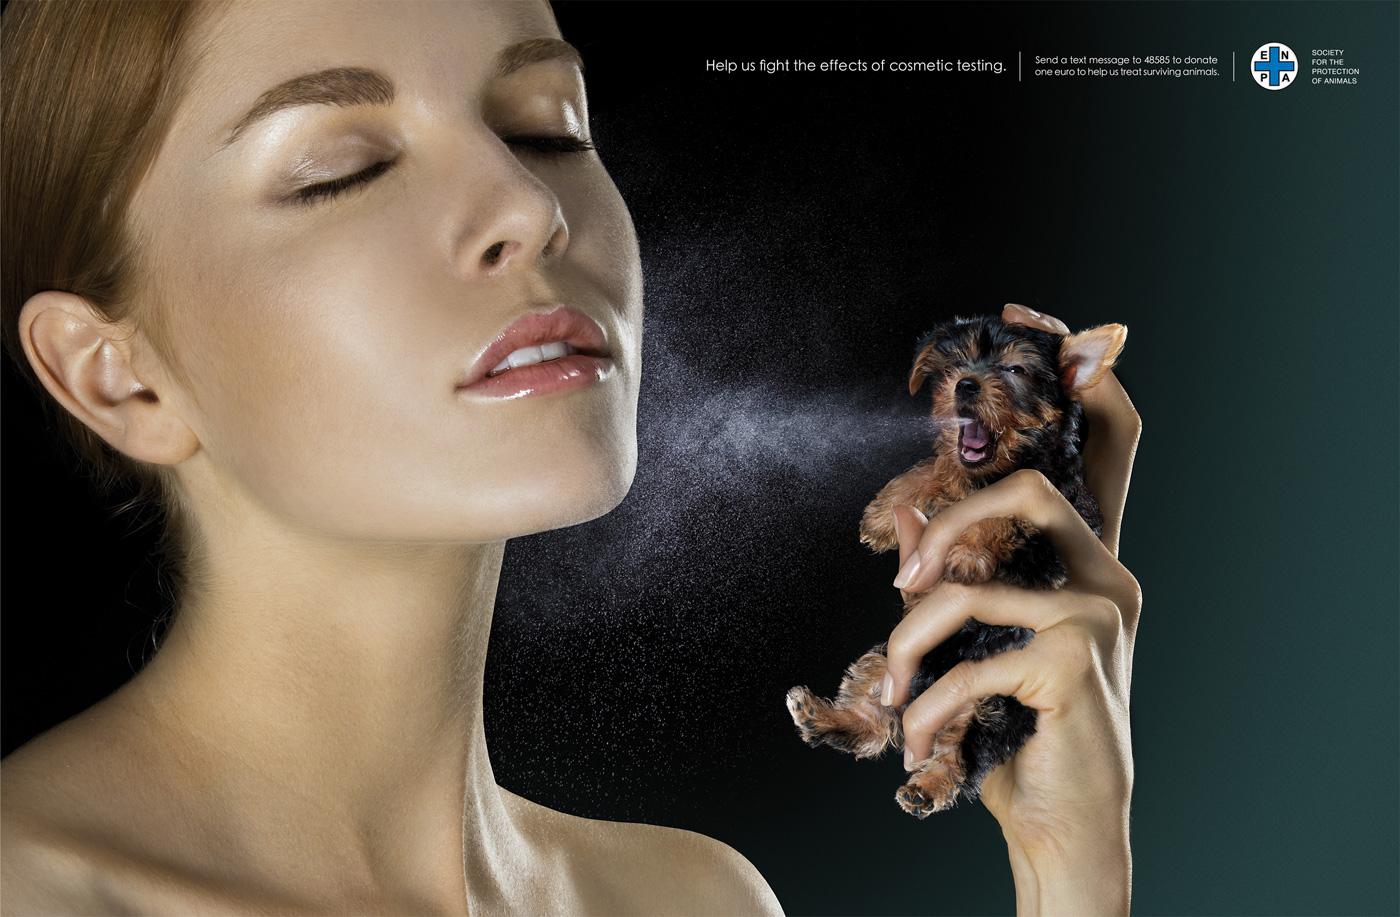 欧盟全面禁止化妆品动物测试